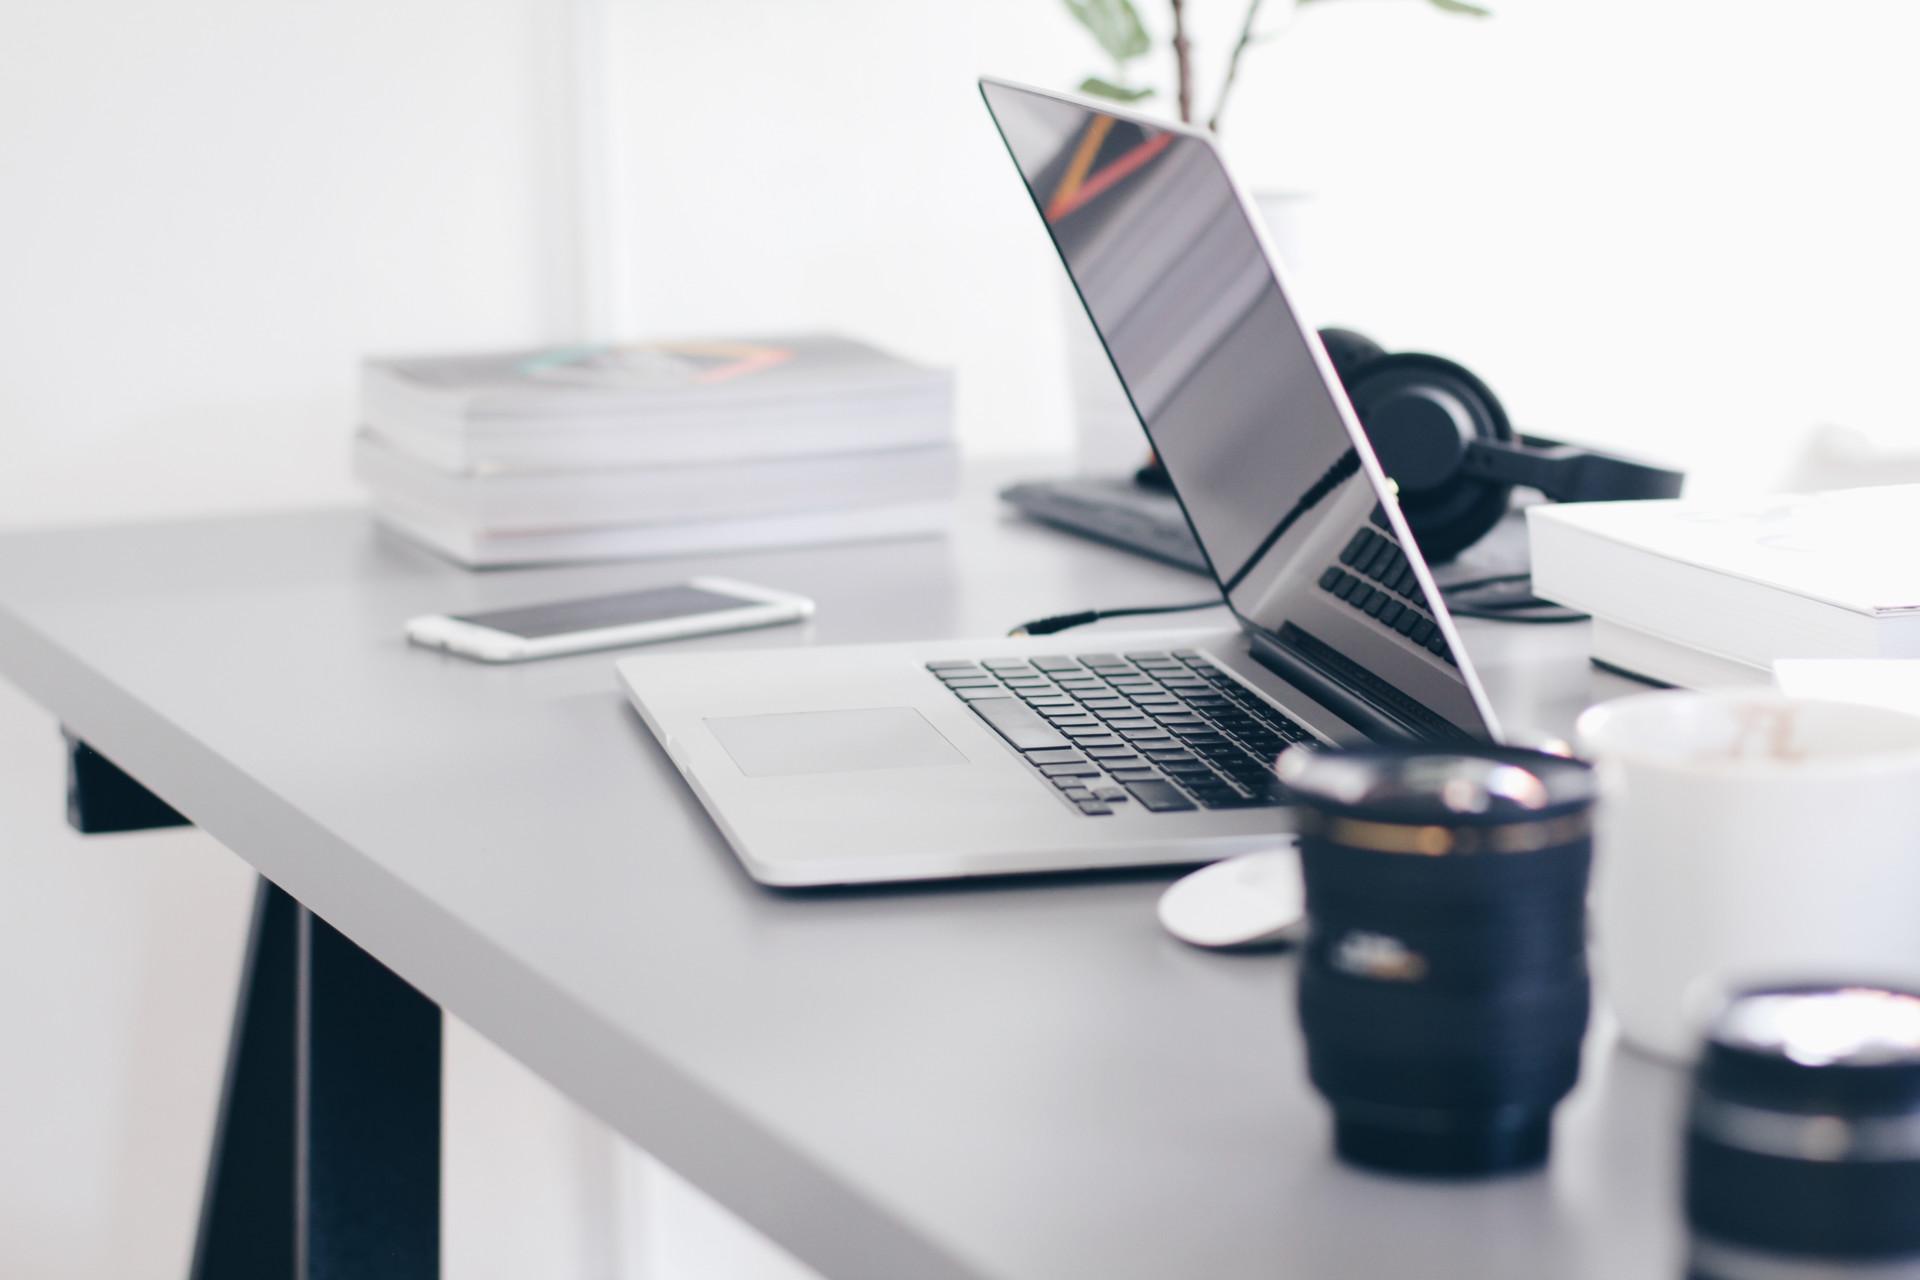 WordPress(ブログ)の始め方。インストールから使い方までWordPress初心者のための記事まとめ